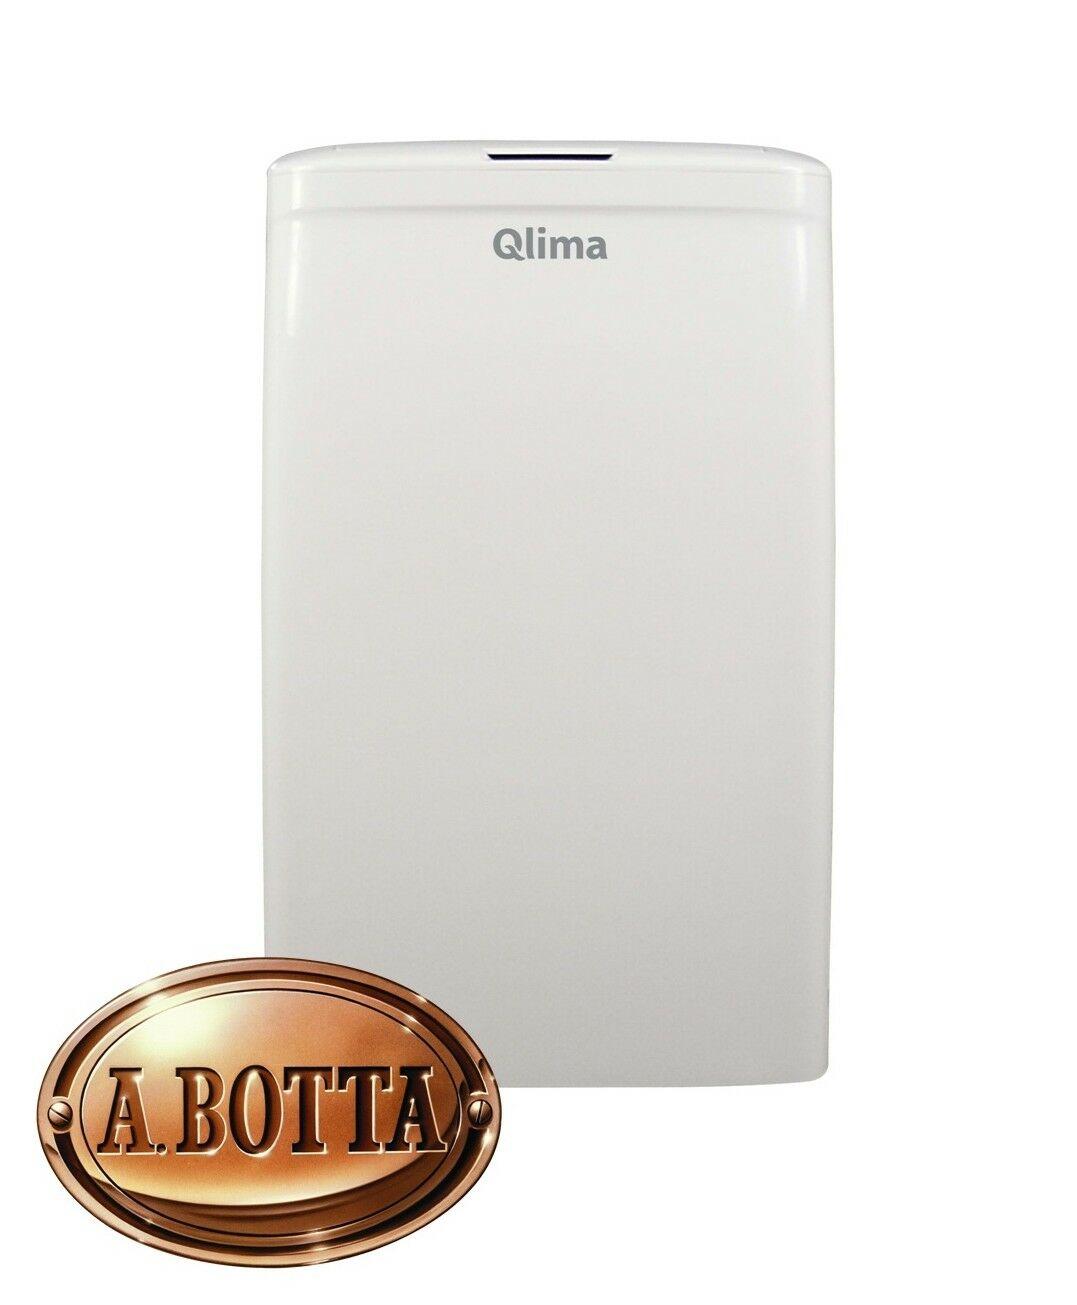 Filtri per Deumidificatori QLIMA D610 D612 D620 D625 Ricambio Originale QLIMA